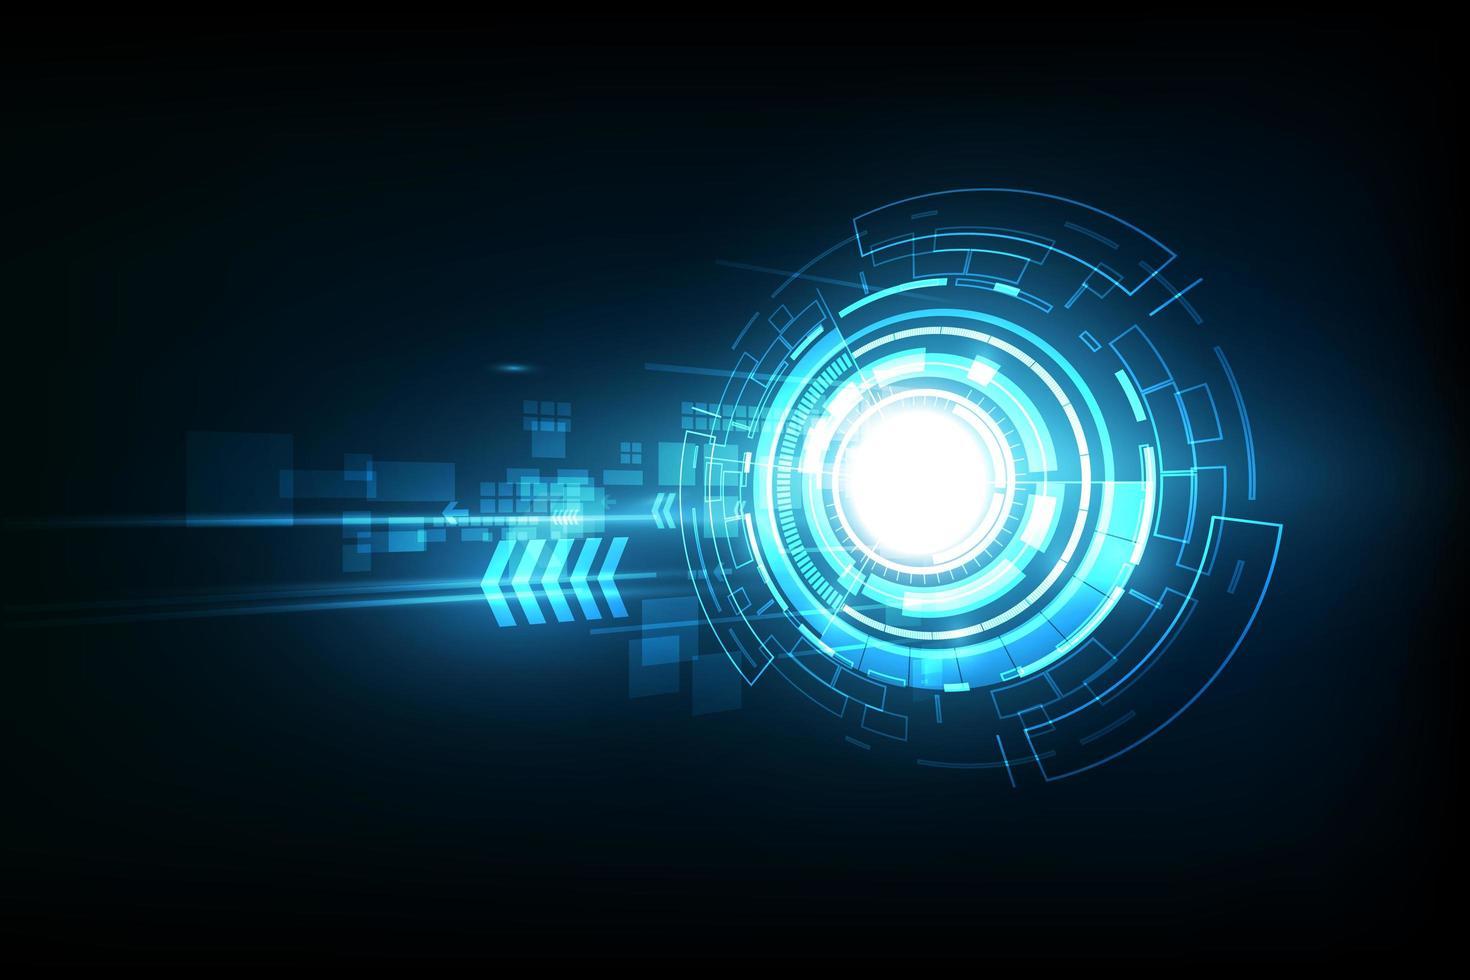 abstrakt framtida teknik, elektrisk telekom bakgrund vektor